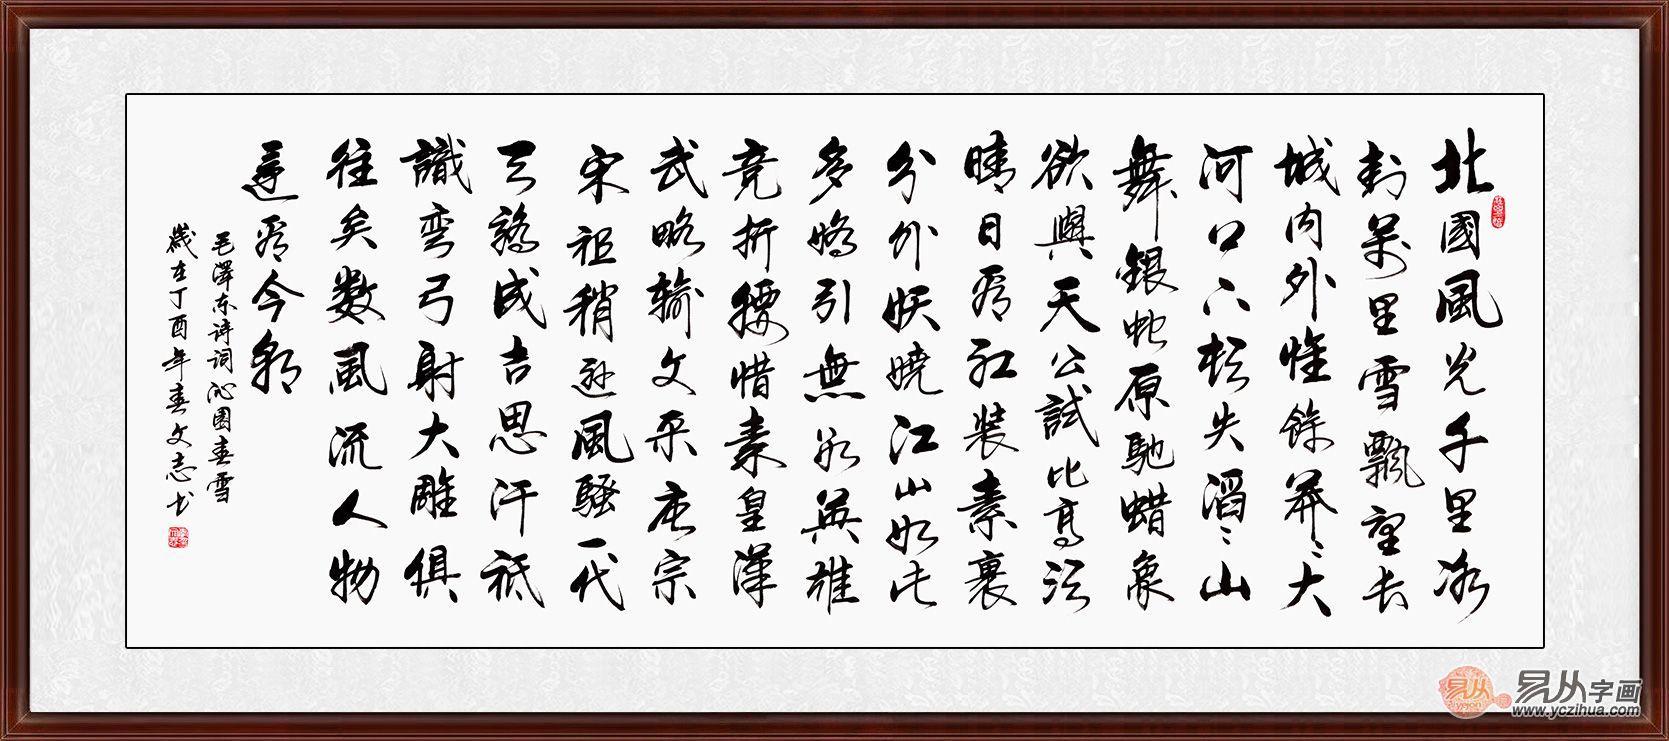 启功大弟子——李传波沁园春雪书法欣赏 励志诗词 李文志新品行书图片